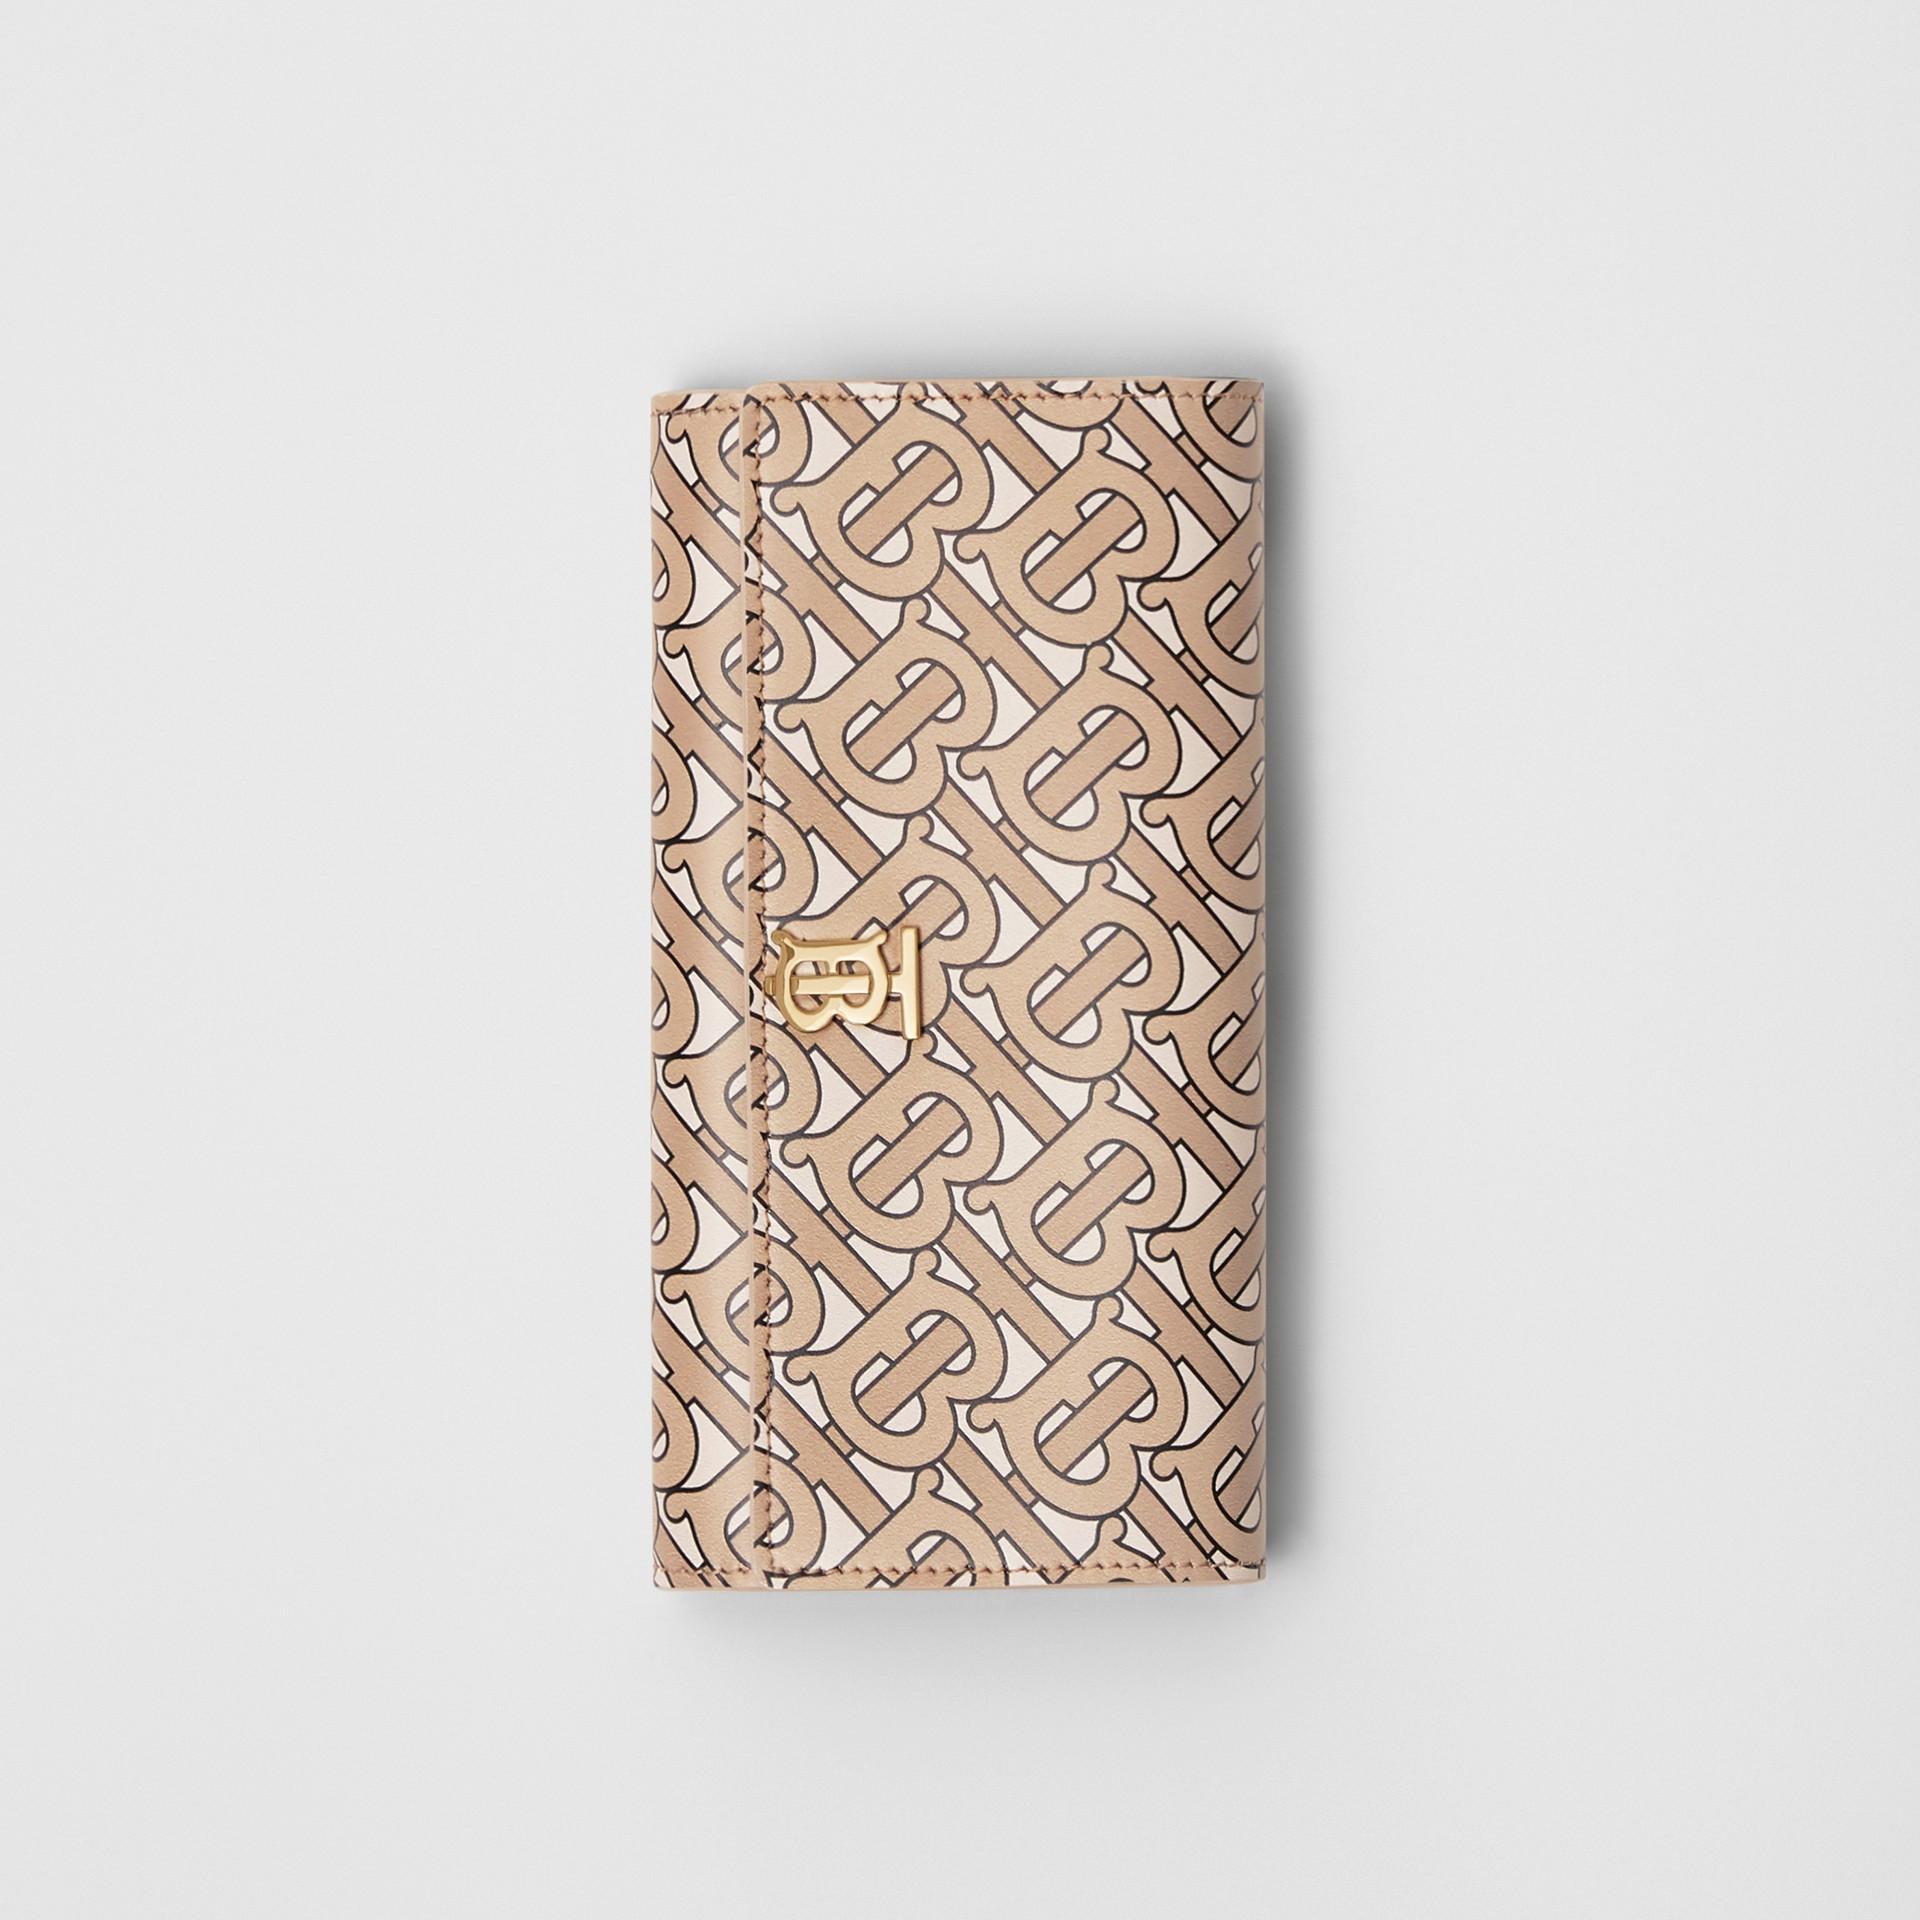 모노그램 프린트 가죽 장지갑 (베이지) - 여성 | Burberry - 갤러리 이미지 2